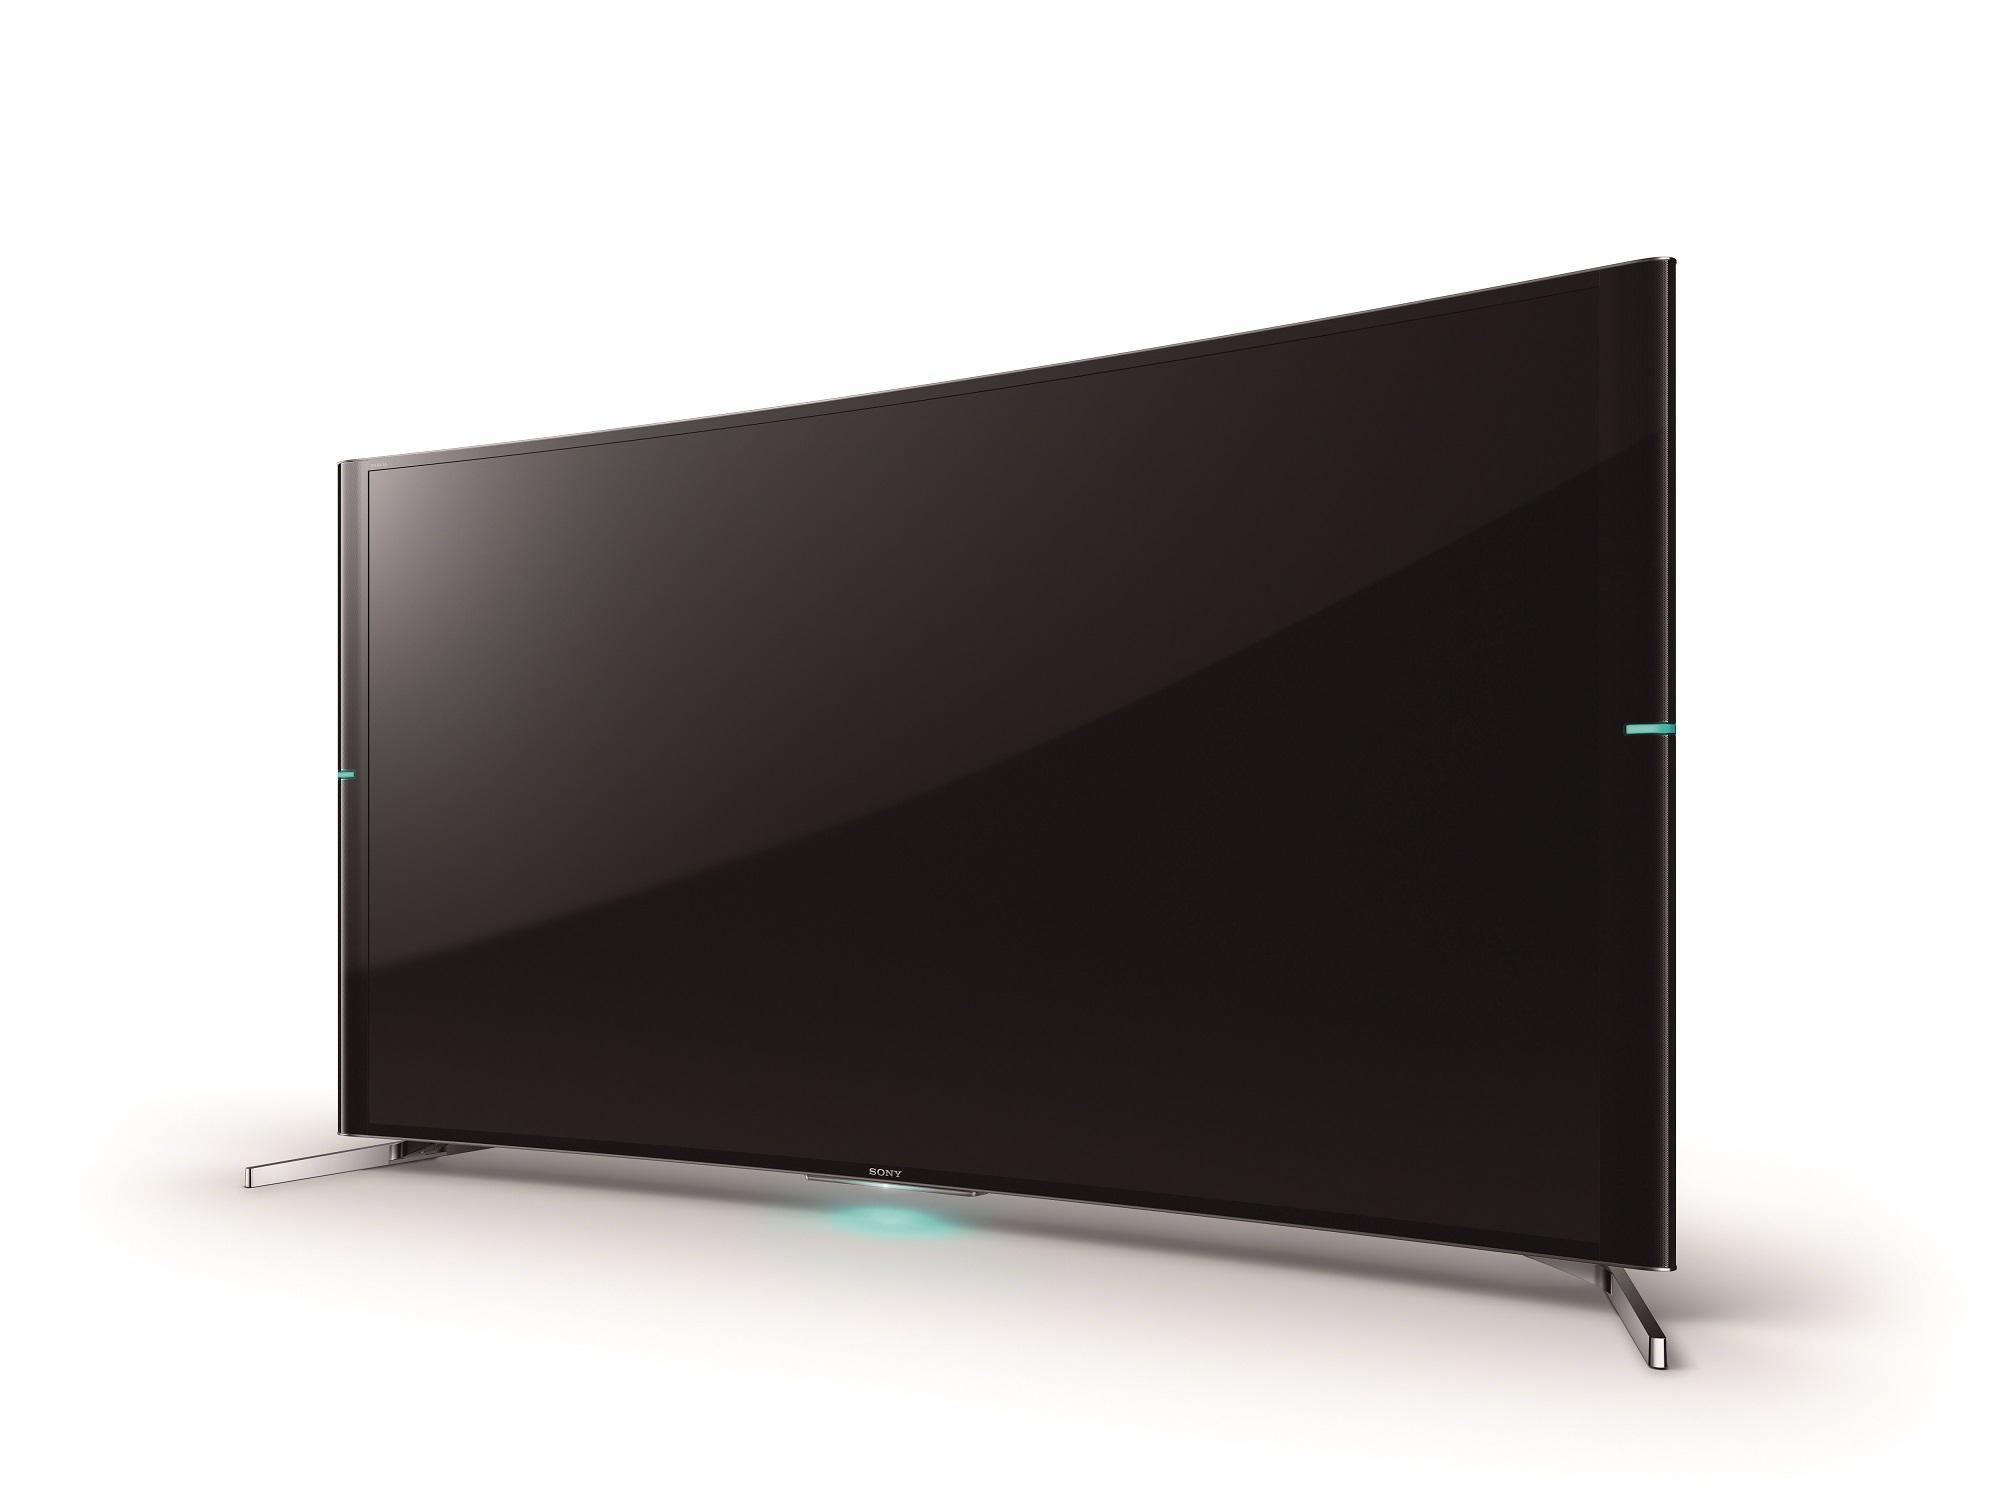 купить шкурка телевизор выгнутый сони фото своем